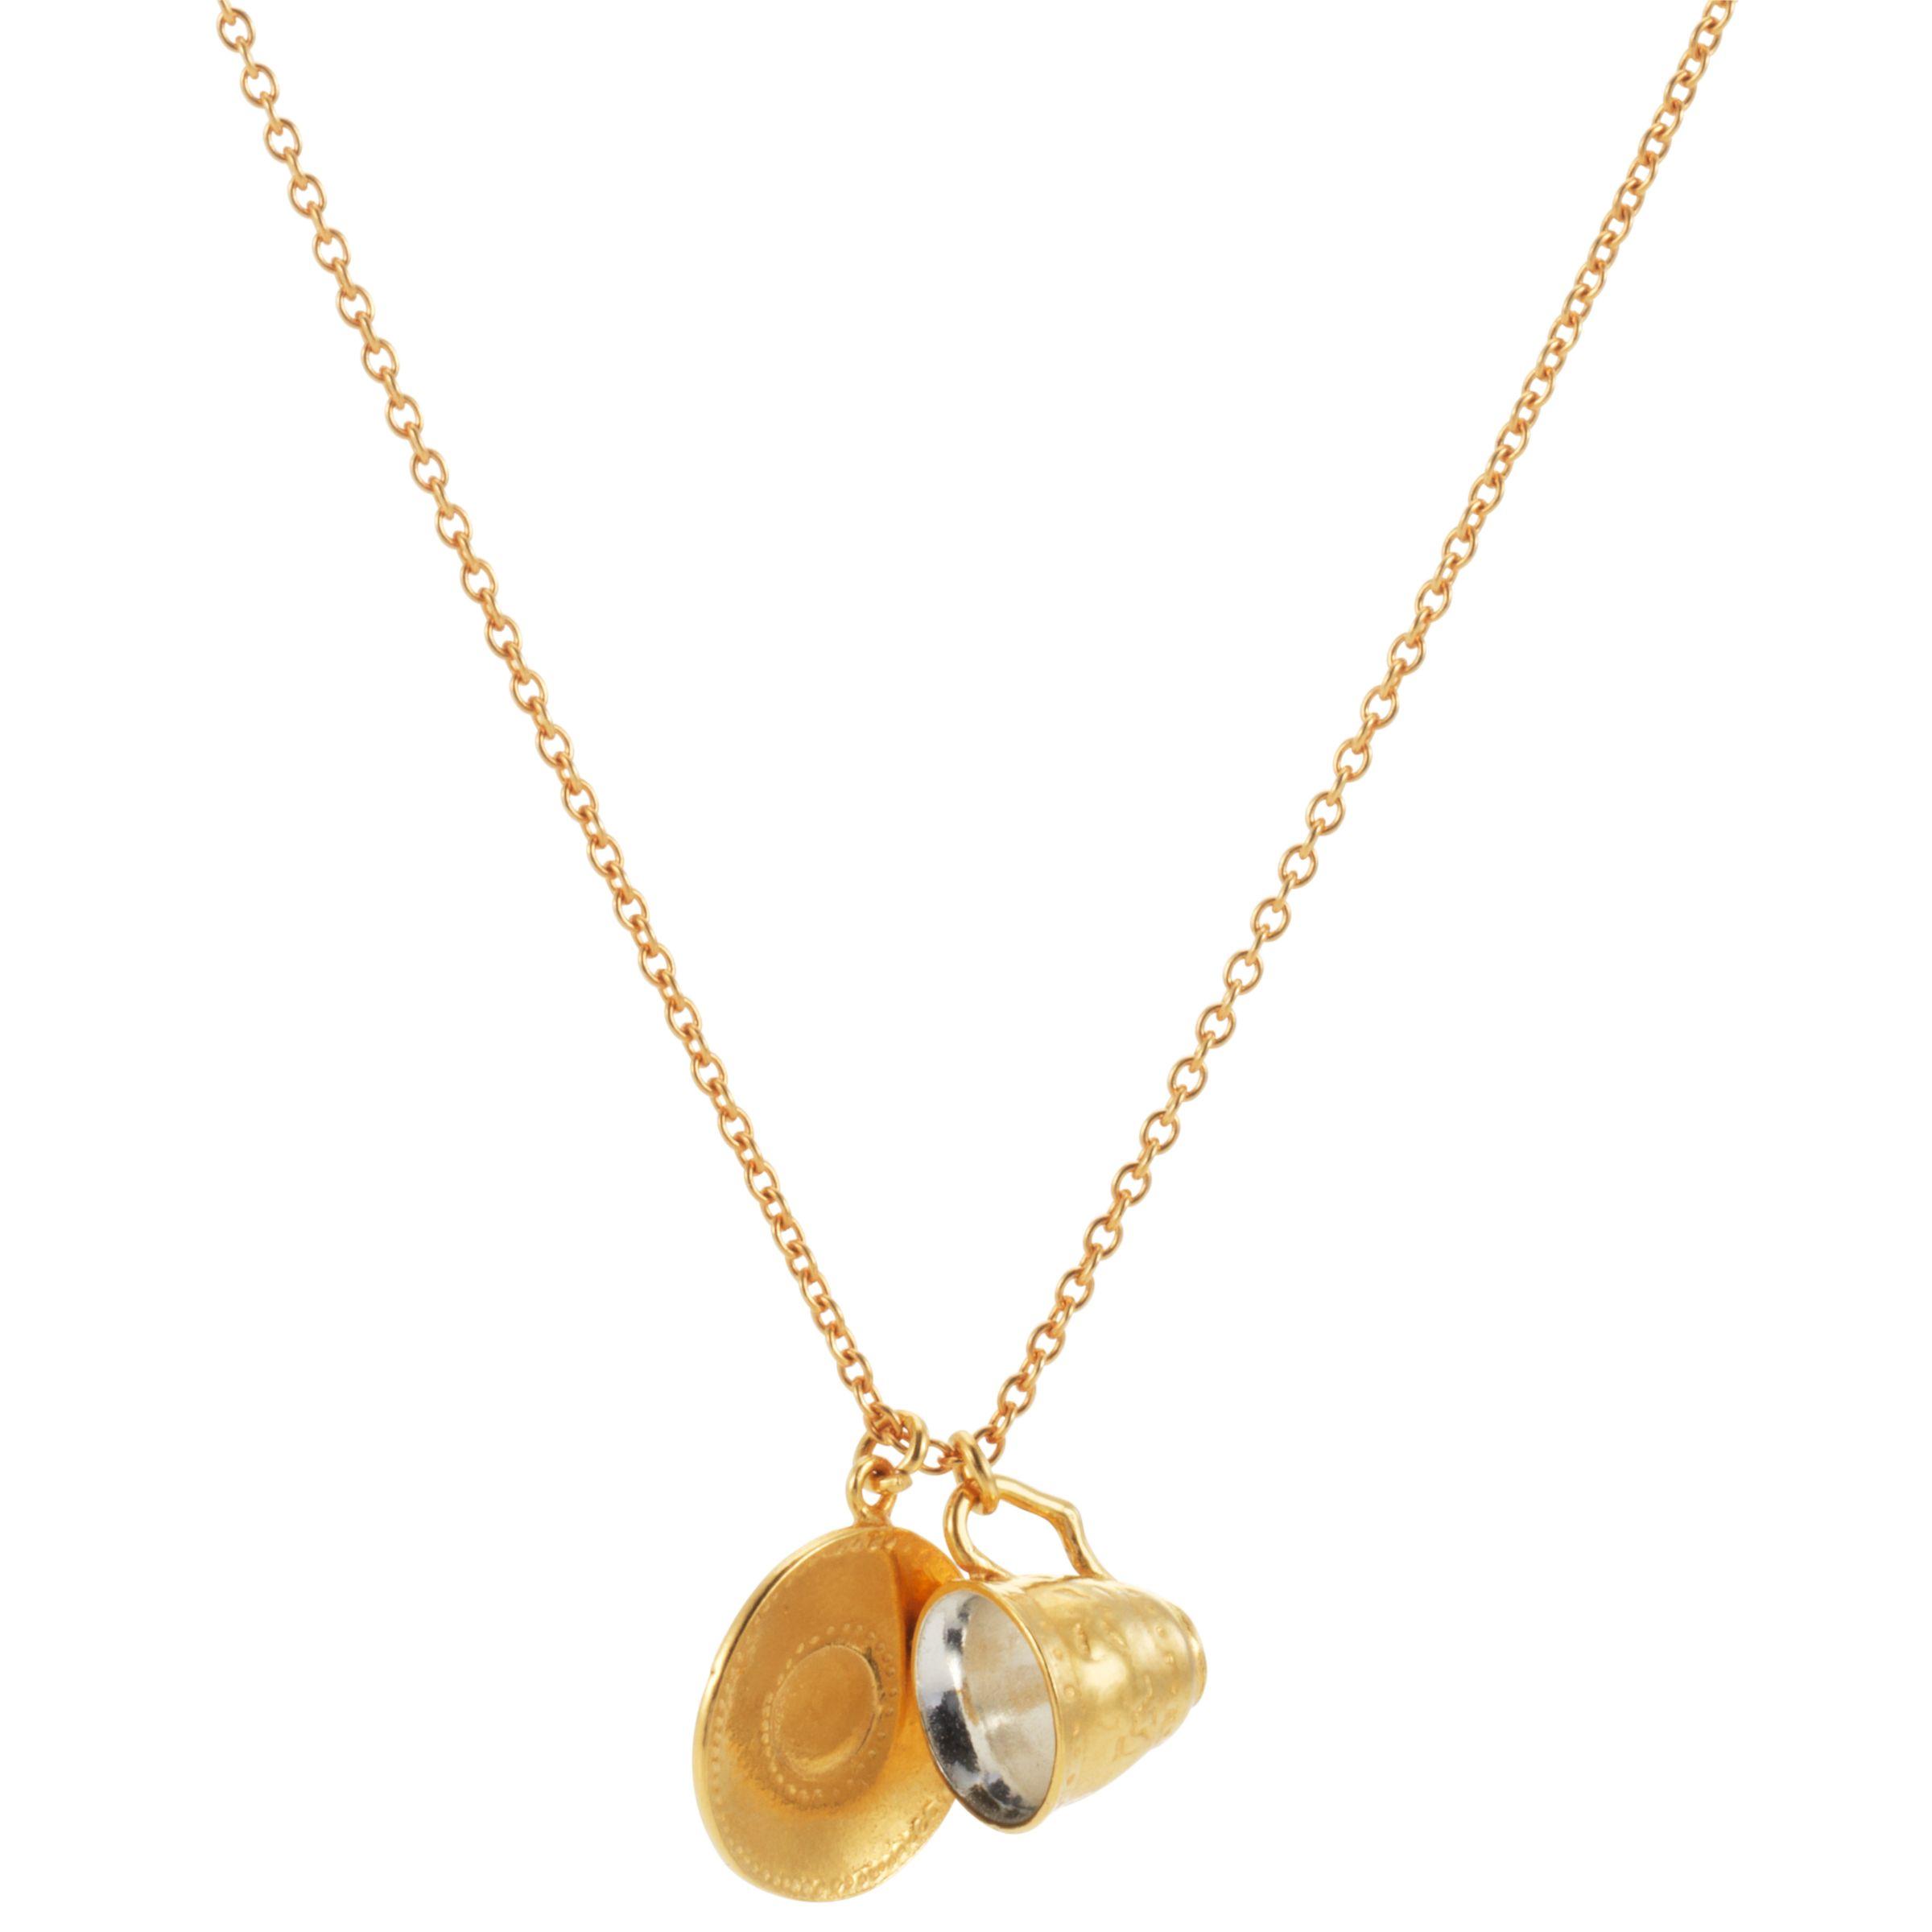 Alex Monroe for John Lewis Tea Cup Necklace